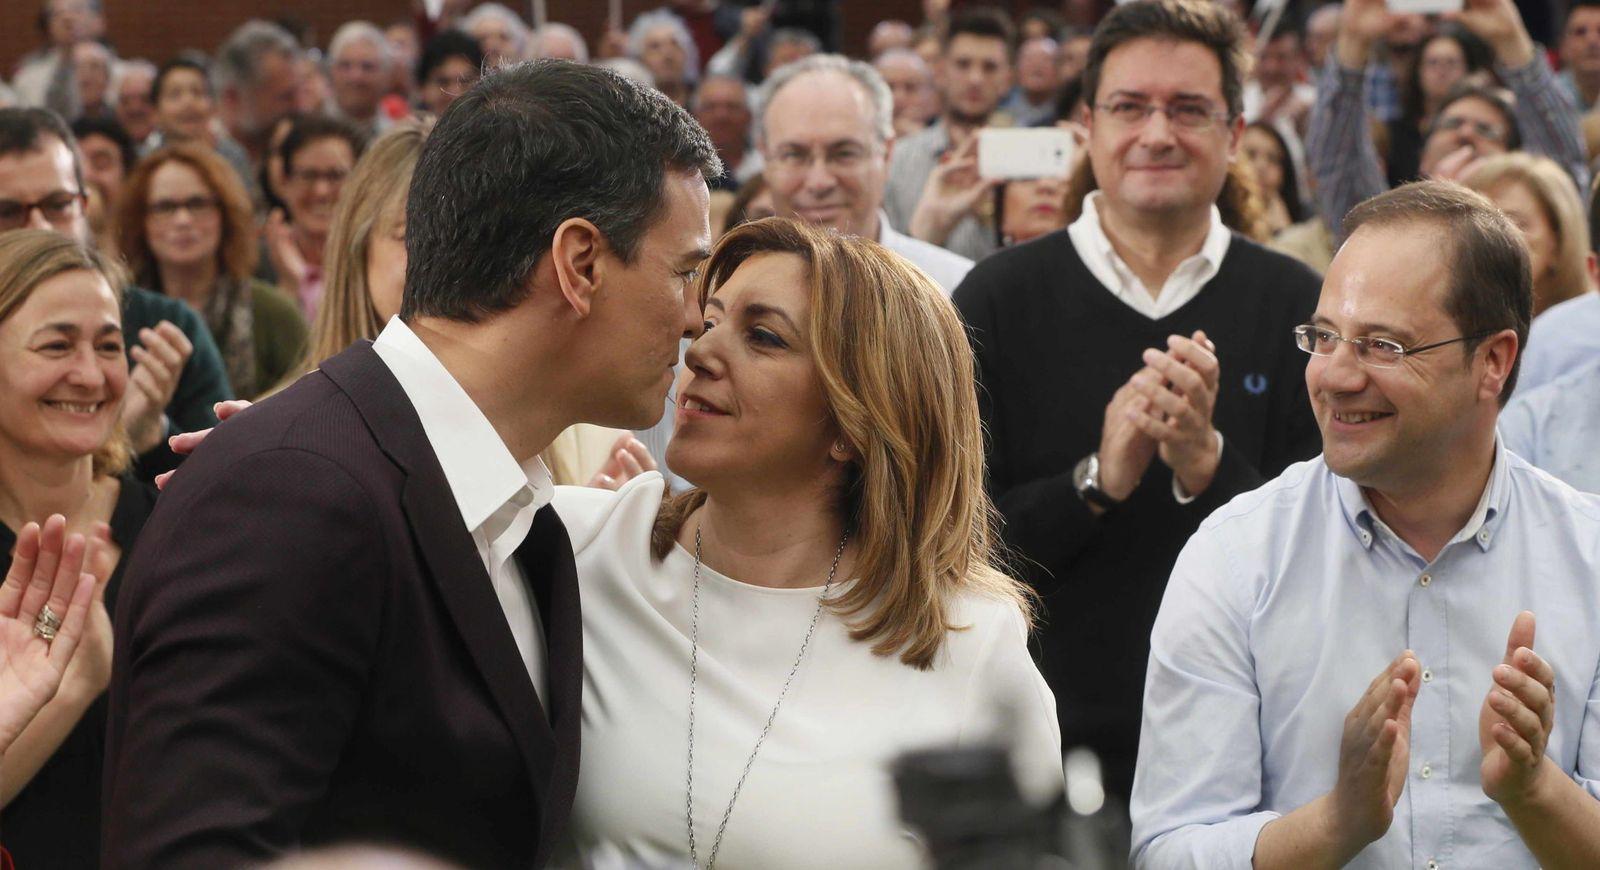 PSOE Pedro Sánchez Susana Díaz partidos políticos